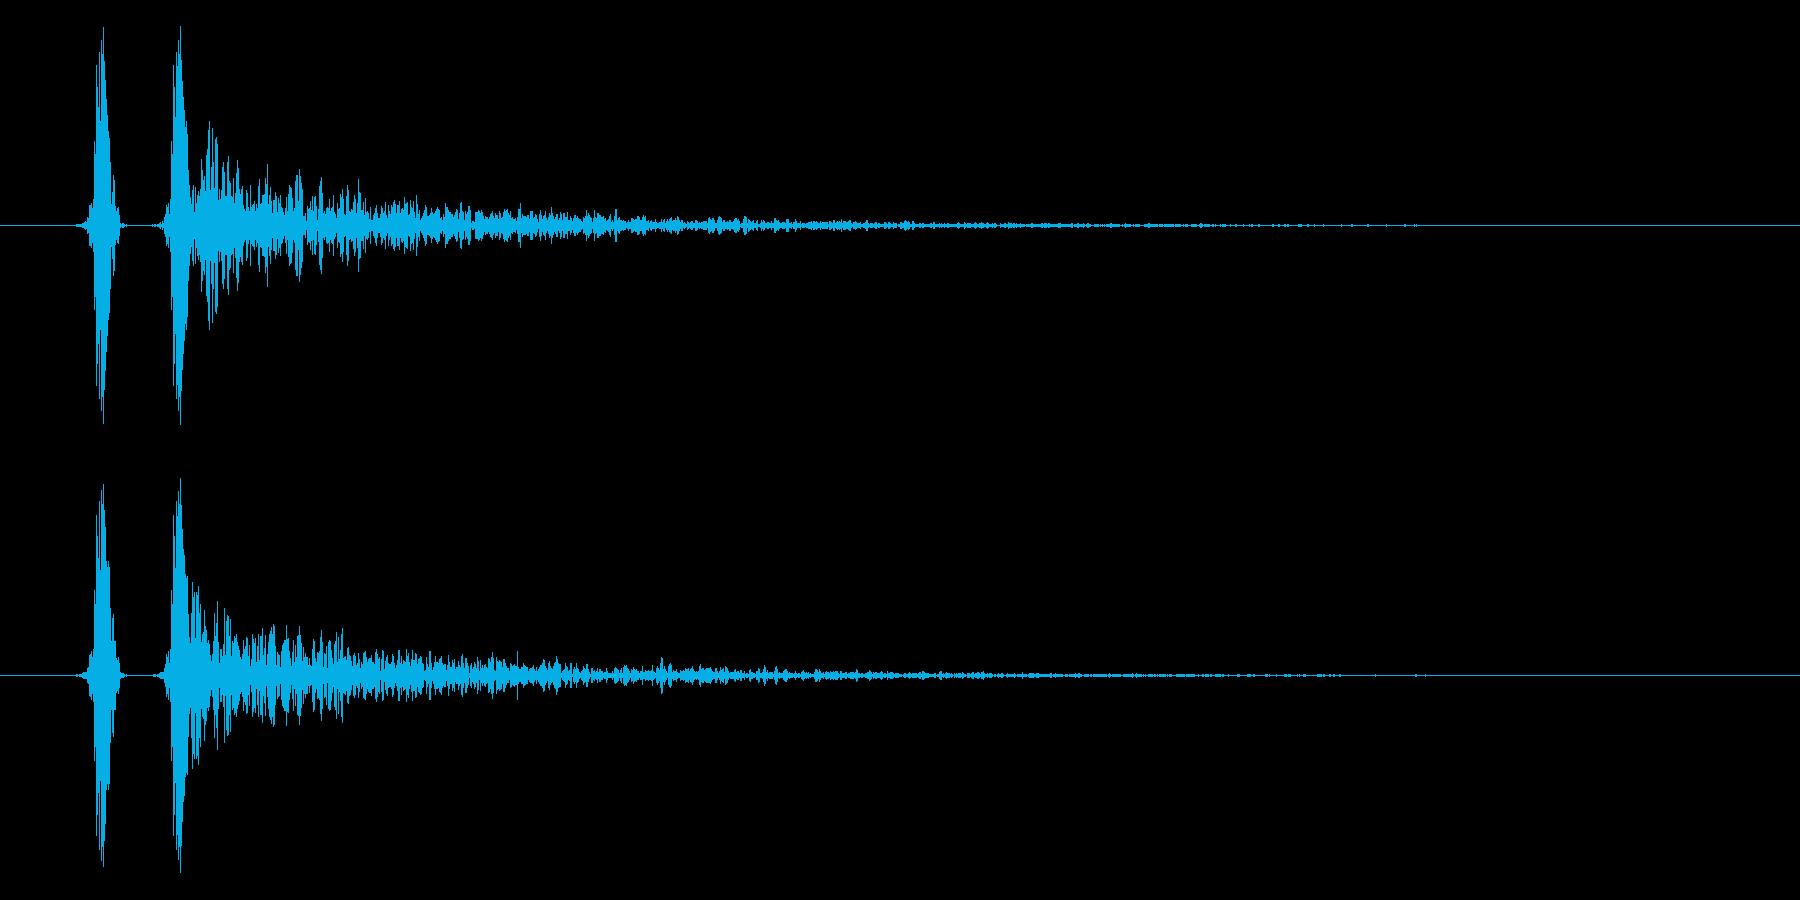 パン!ハンドクラップ/拍手の効果音!03の再生済みの波形